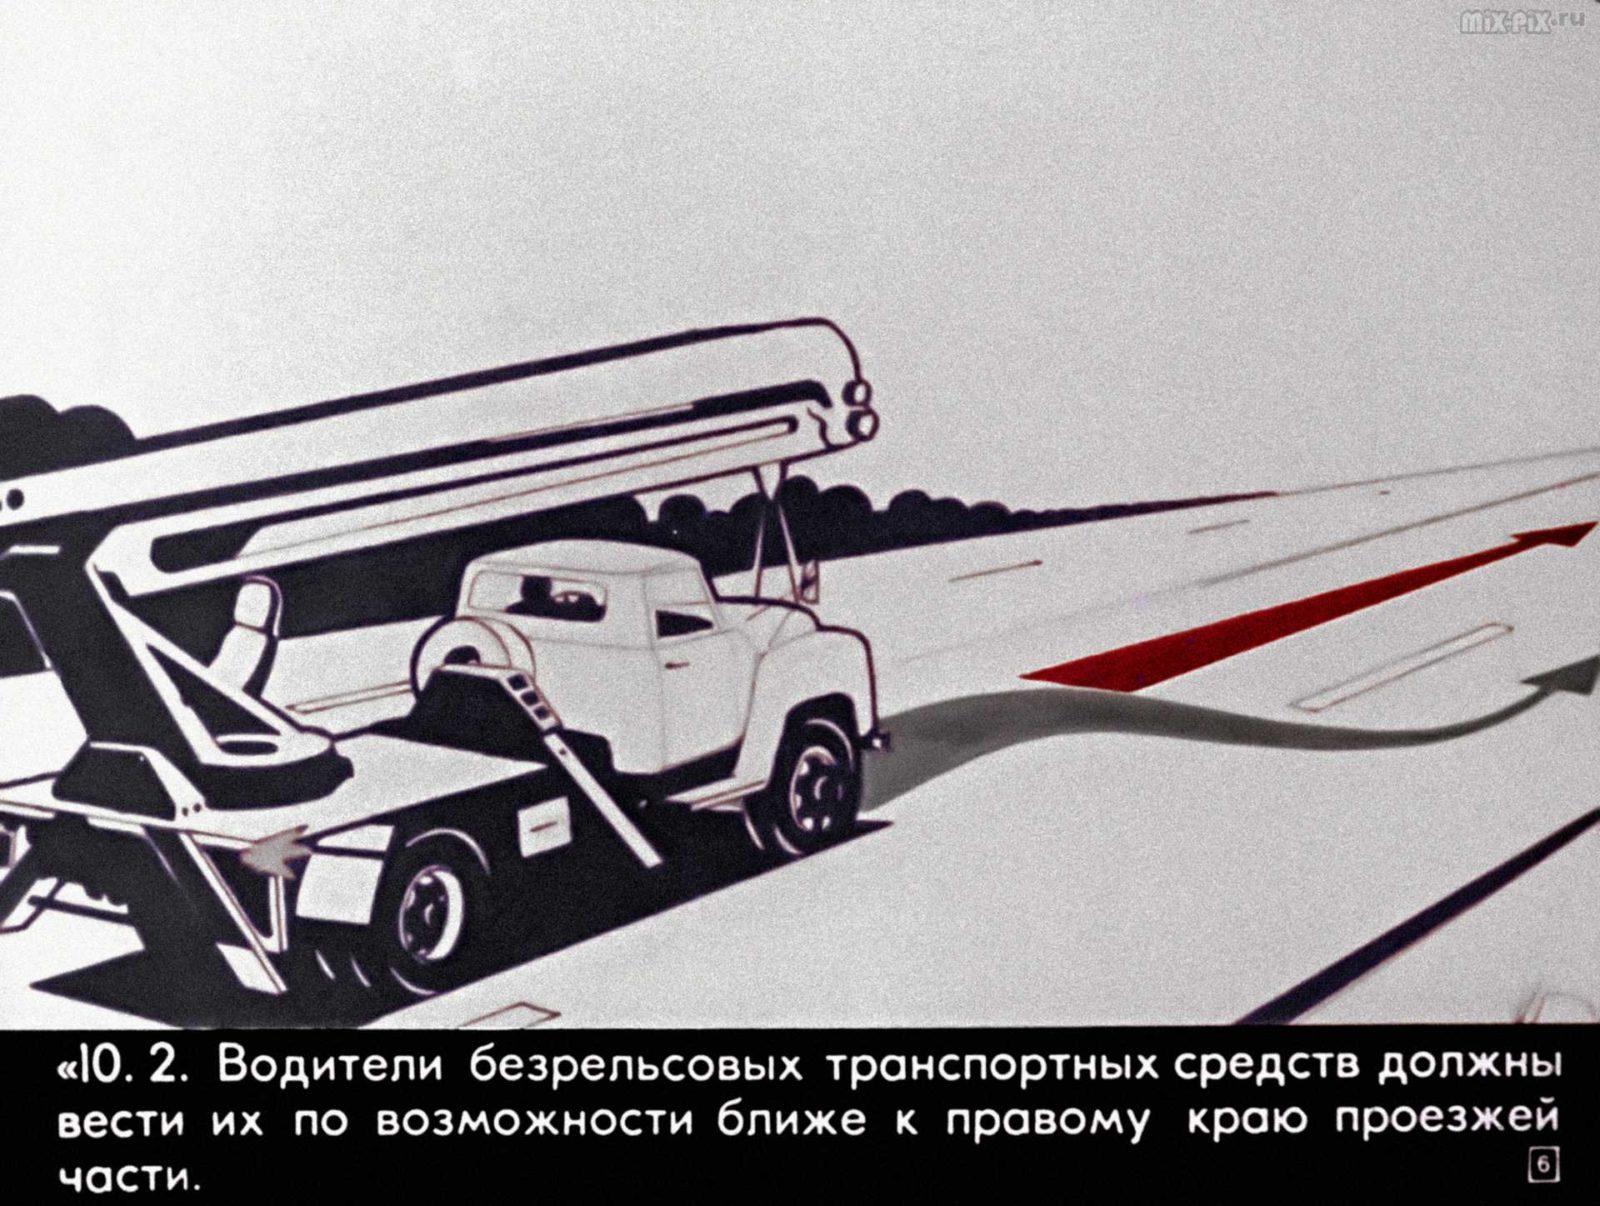 Правила дорожного движения. Расположение транспортных средств на проезжей части. Начало движения. Маневрирование (1983) 33